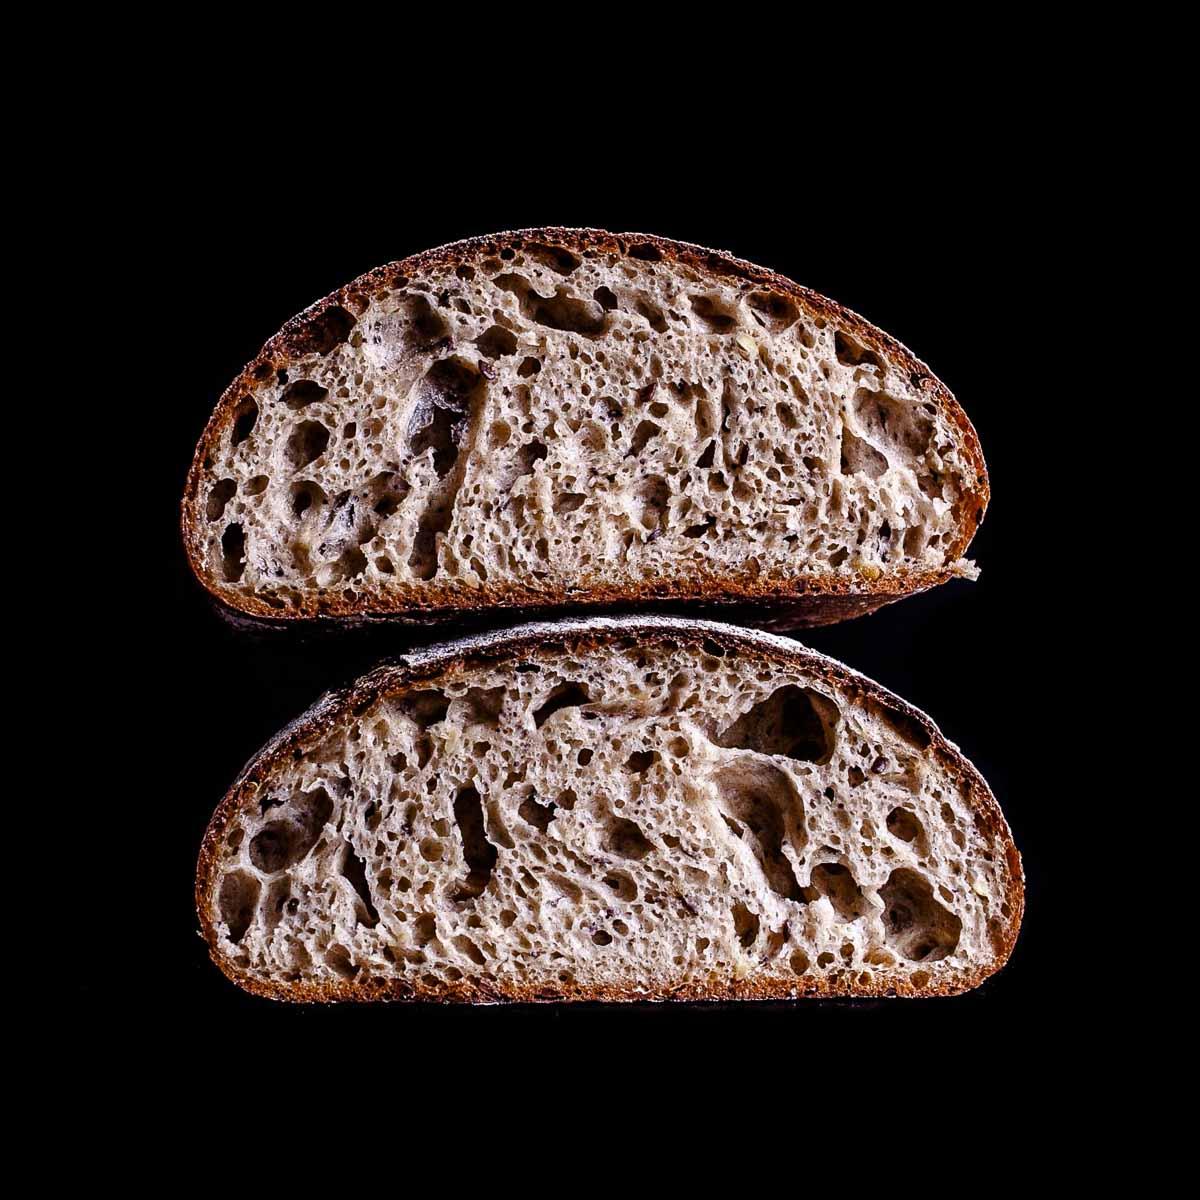 Glutenfreies Sauerteig Brot bei Aera in Berlin Charlottenburg-4